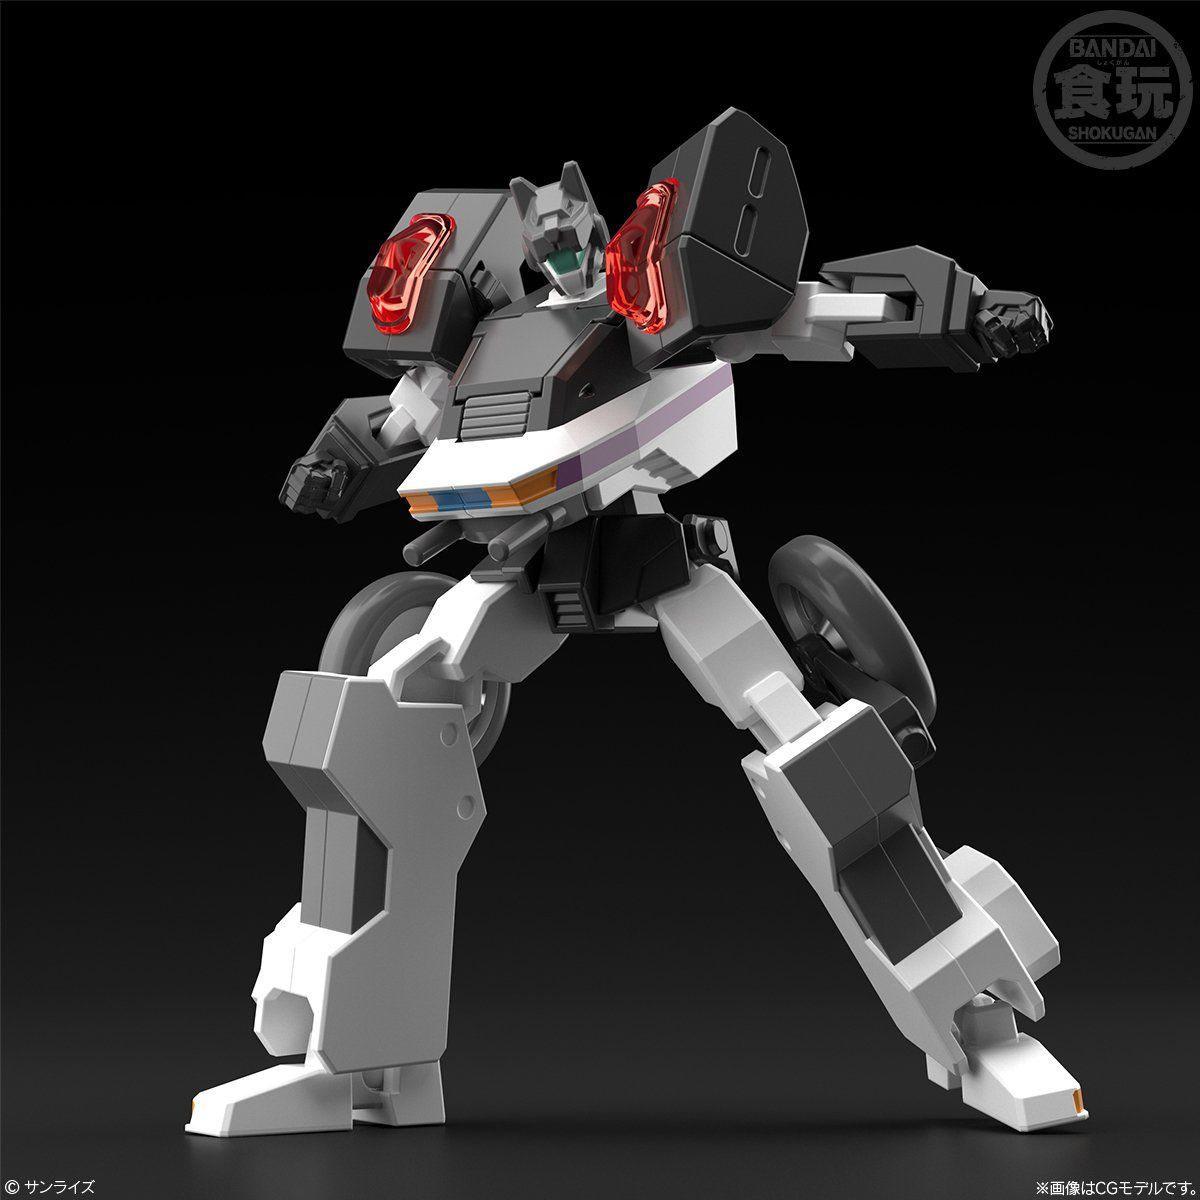 【食玩】スーパーミニプラ『ビッグボルフォッグ』勇者王ガオガイガー プラモデル-006